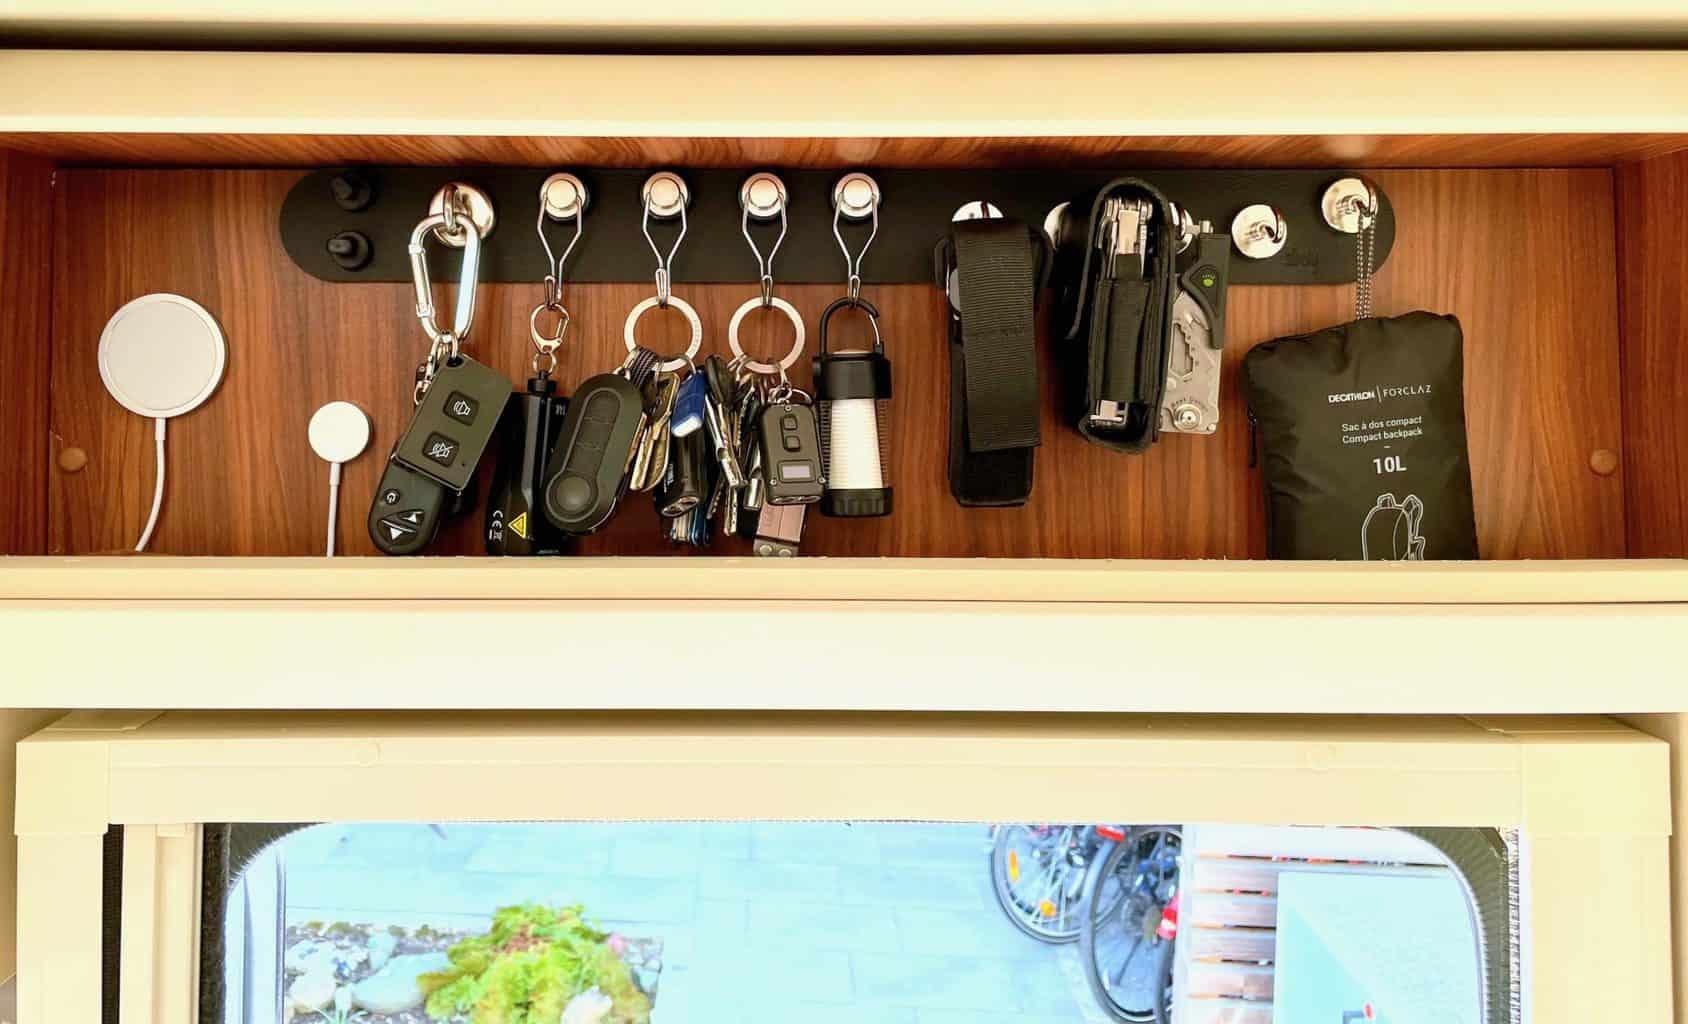 Silwy-Schlüsselbrett-Schlüssel-Taschenlampen-Leatherman-LED-Wohnmobil-Eingang4